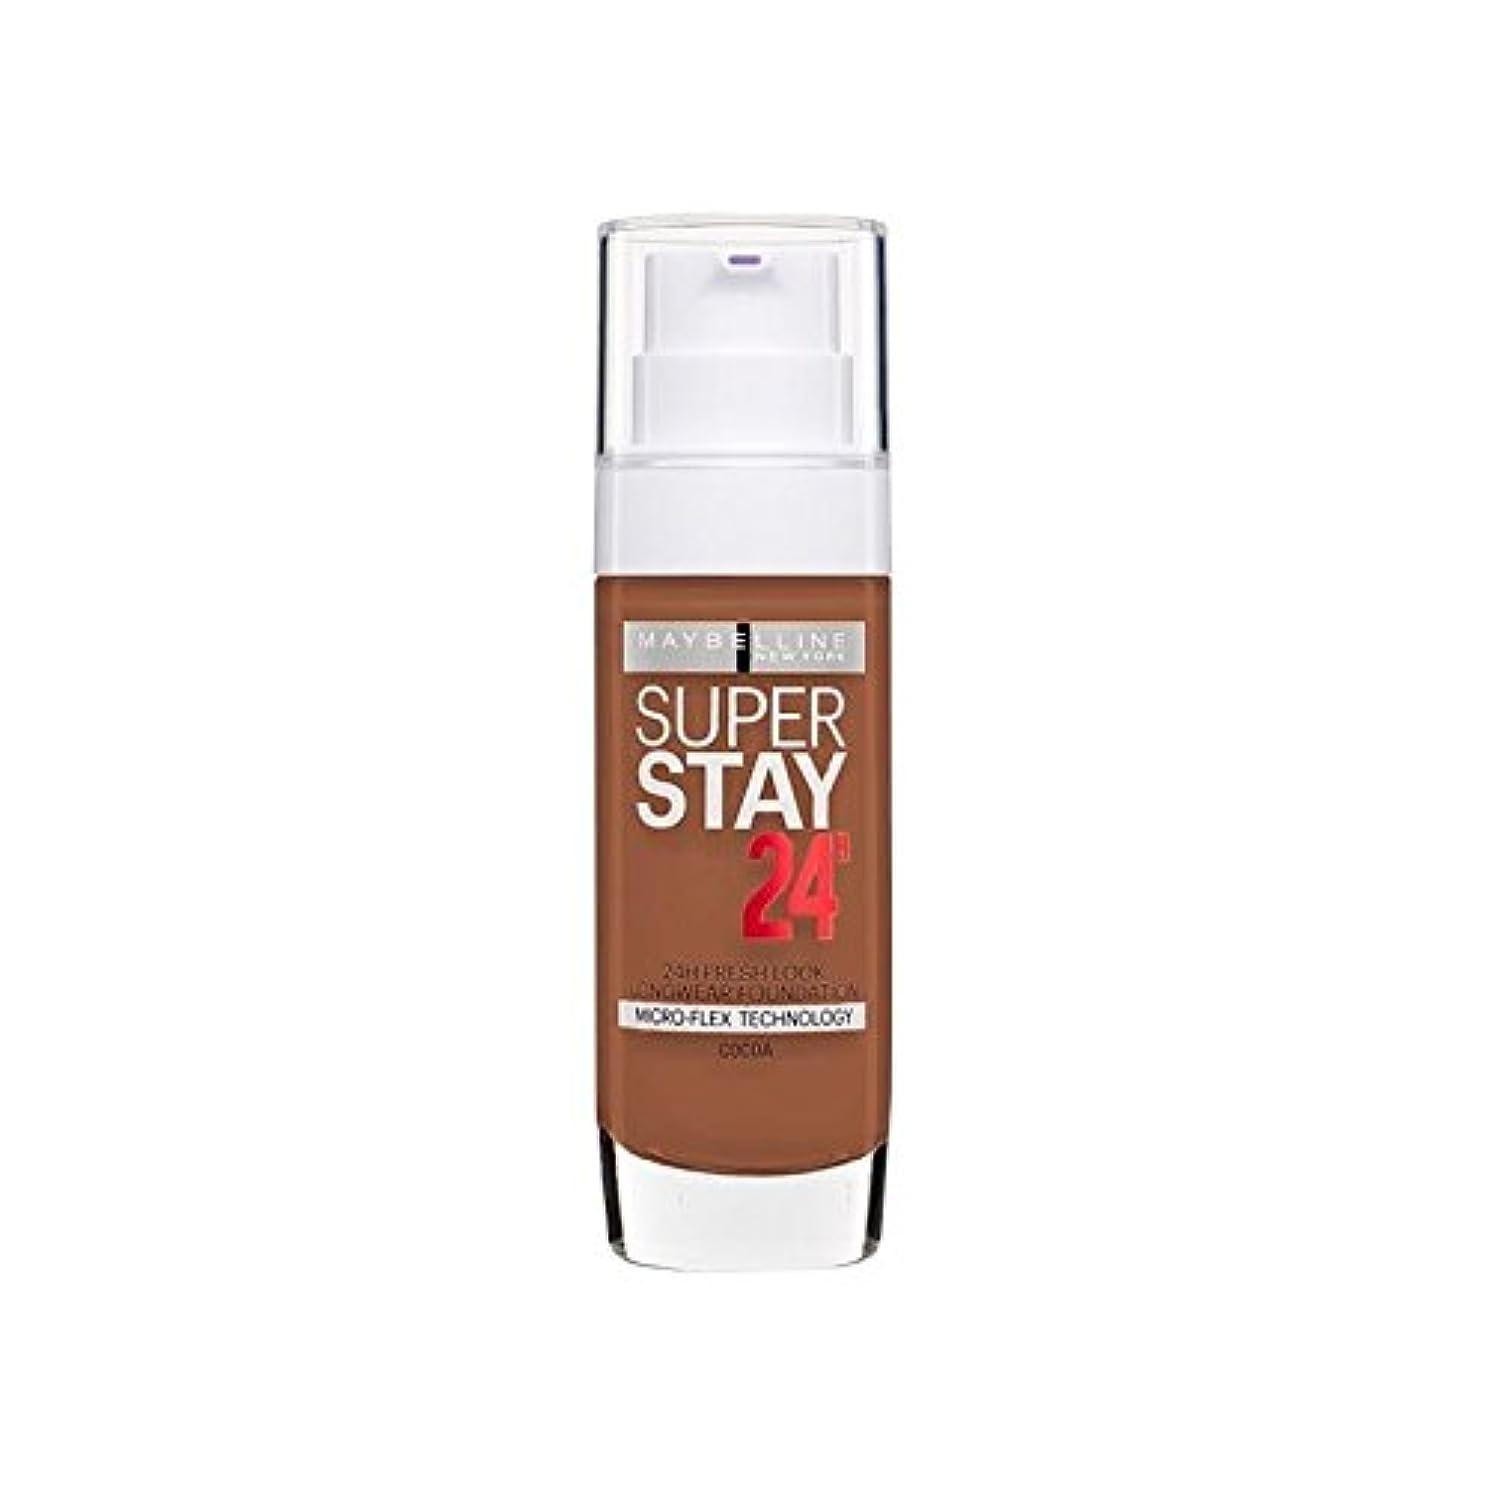 さびた薄暗い気難しいMaybelline SuperStay 24h Liquid Foundation 70 Cocoa 30ml - メイベリン 24時間リキッドファンデーション70ココア30ミリリットル [並行輸入品]